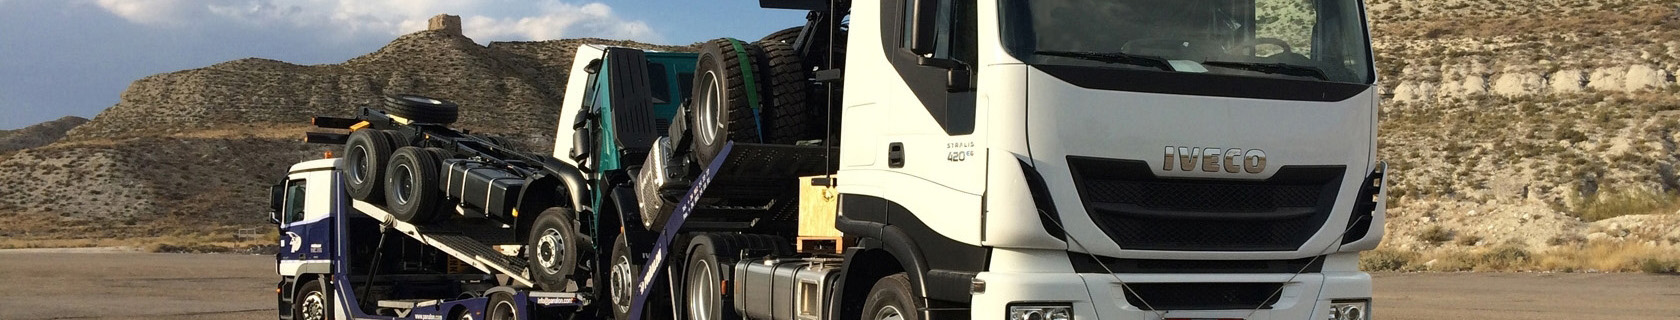 Portavehiculos Pañalón en carretera de la Mancha